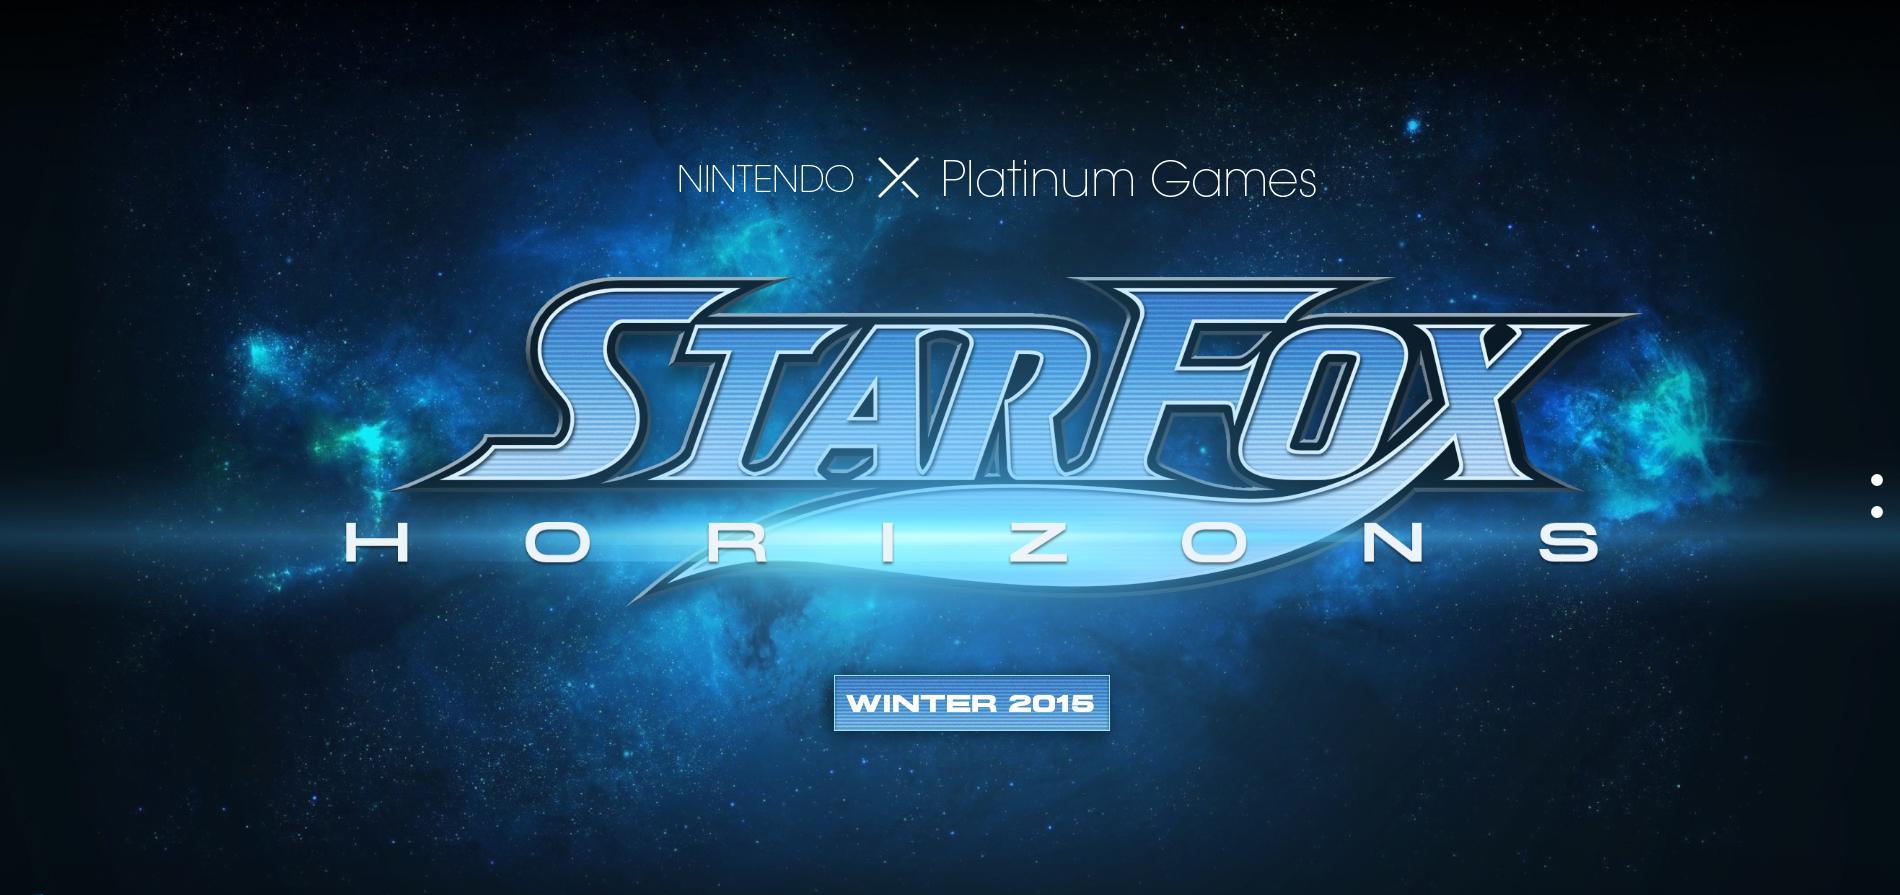 [GAMES][Tópico Oficial] Nintendo Wii U - Primeiro Nintendo Direct de 2015! - Página 14 CBhssjTUcAAvDlp